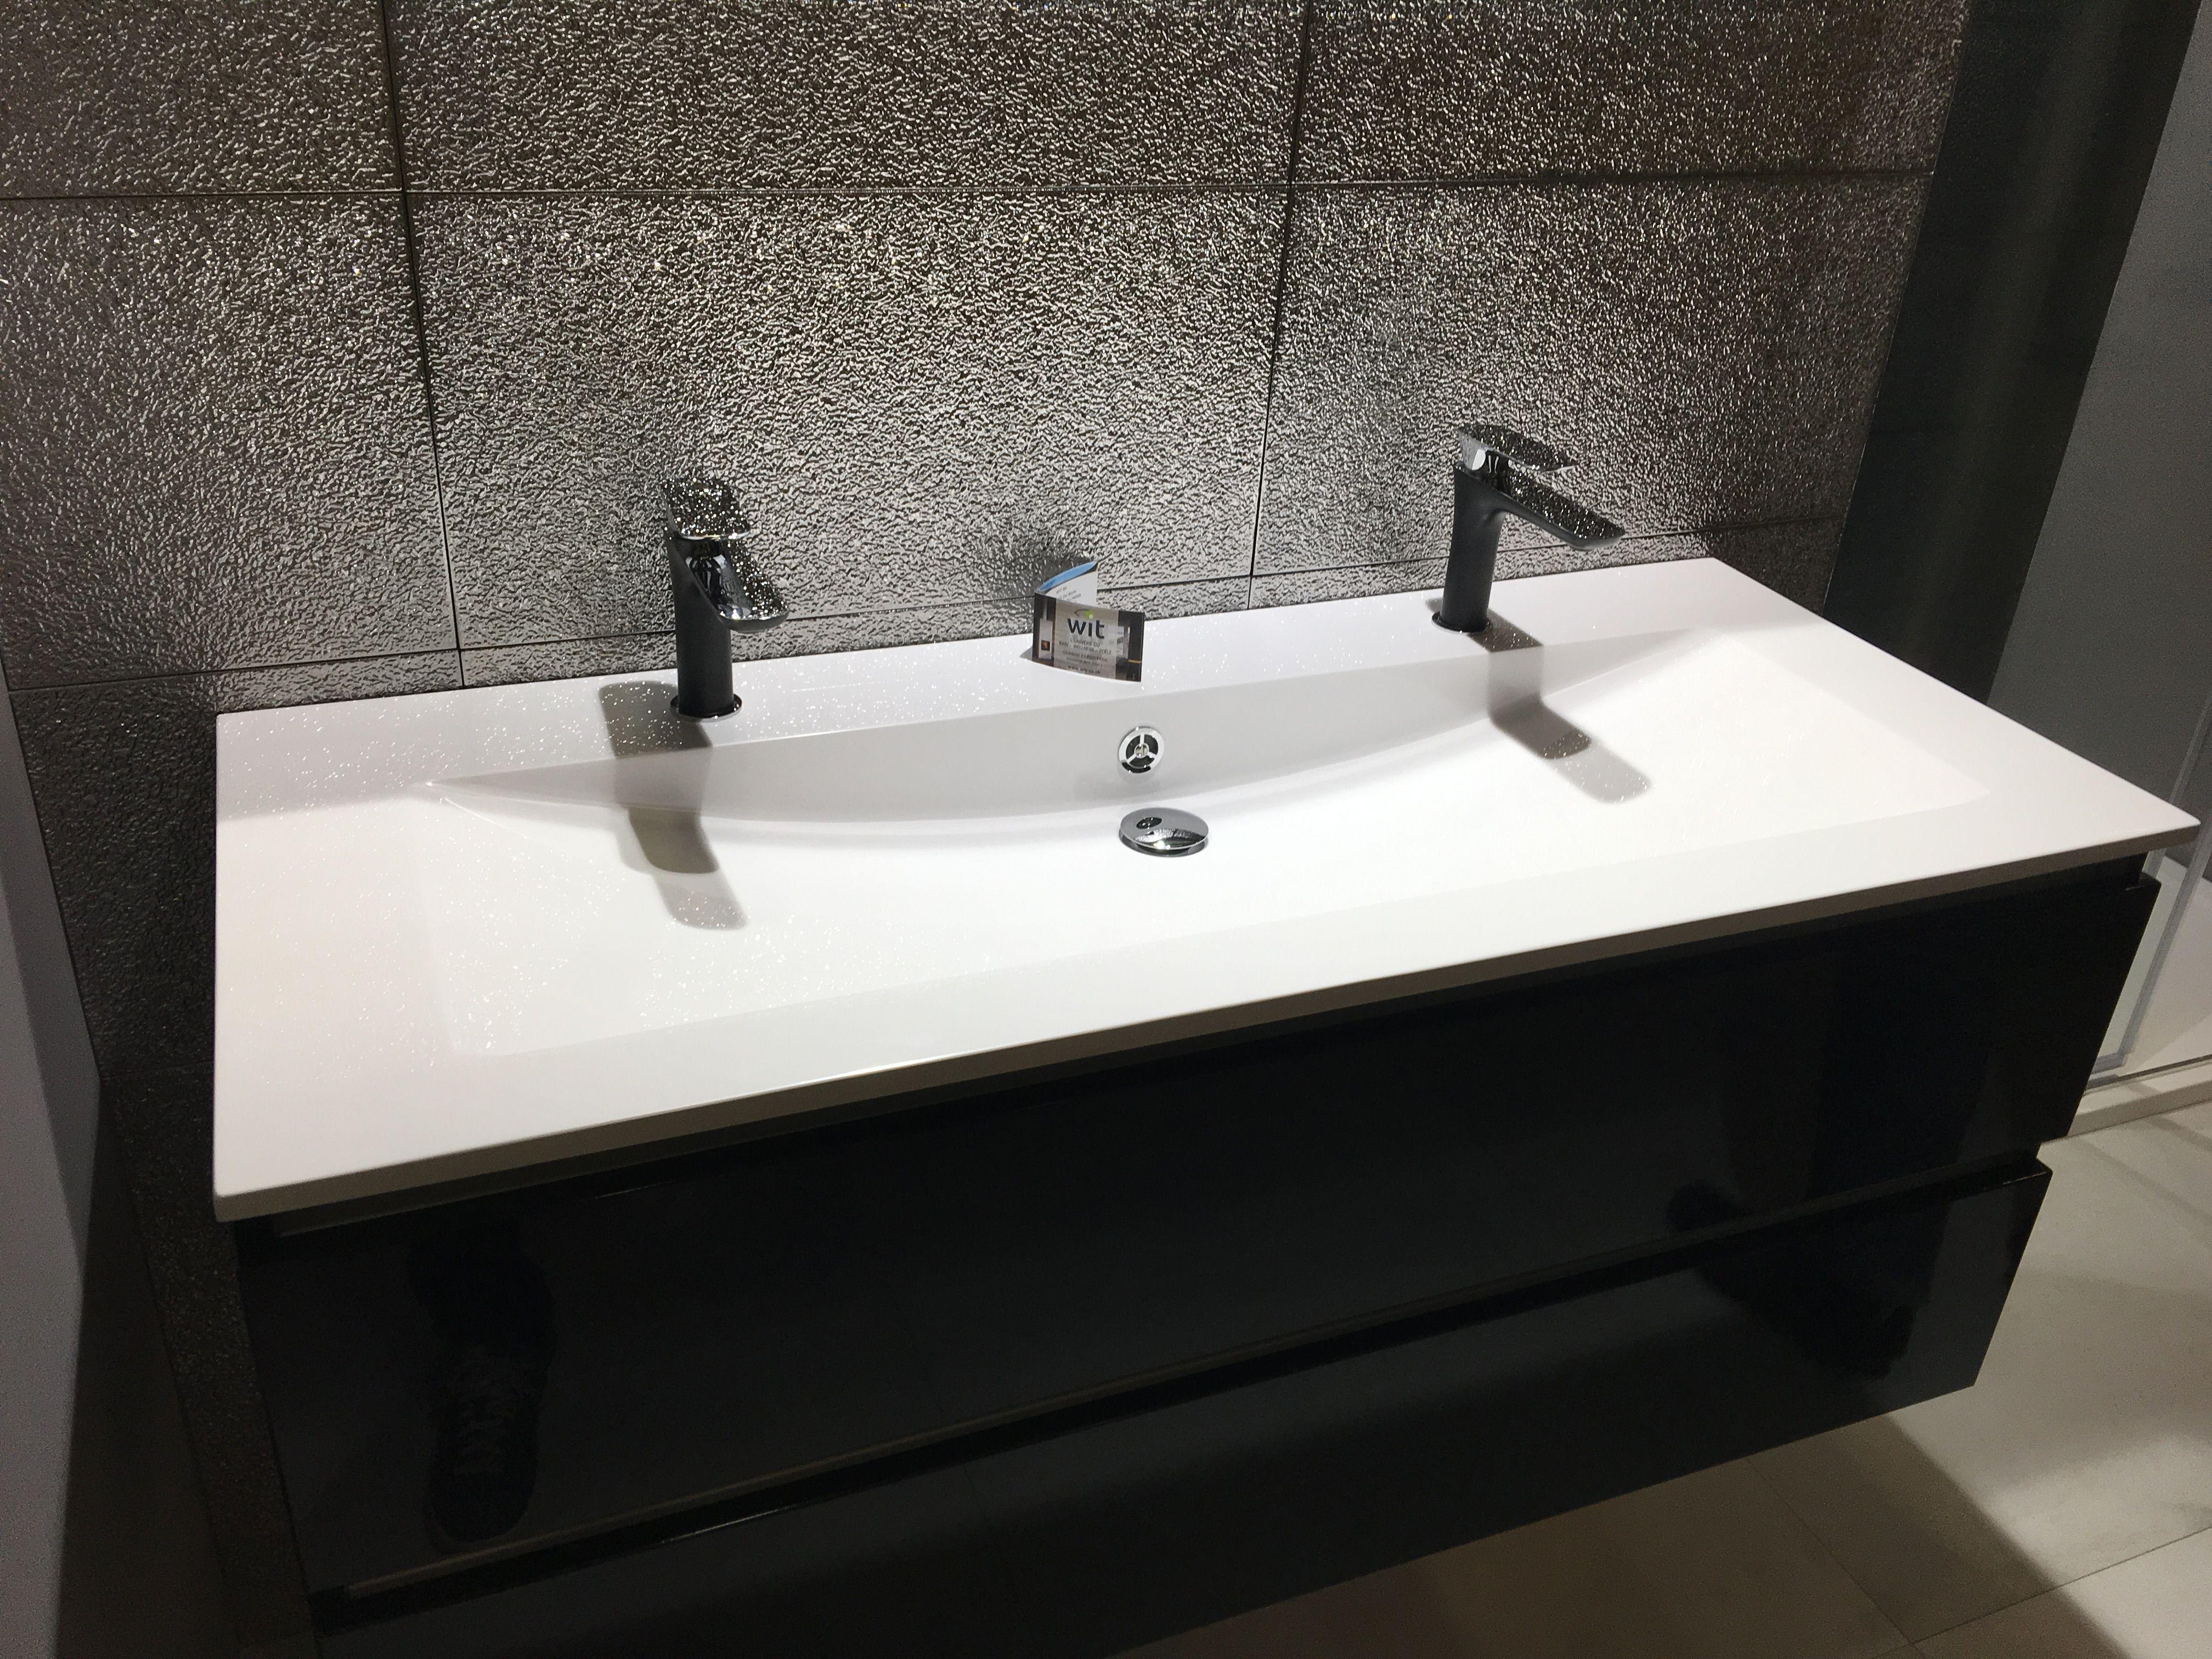 Une Grande Vasque Mais Deux Robinets Renovation Salle De Bain